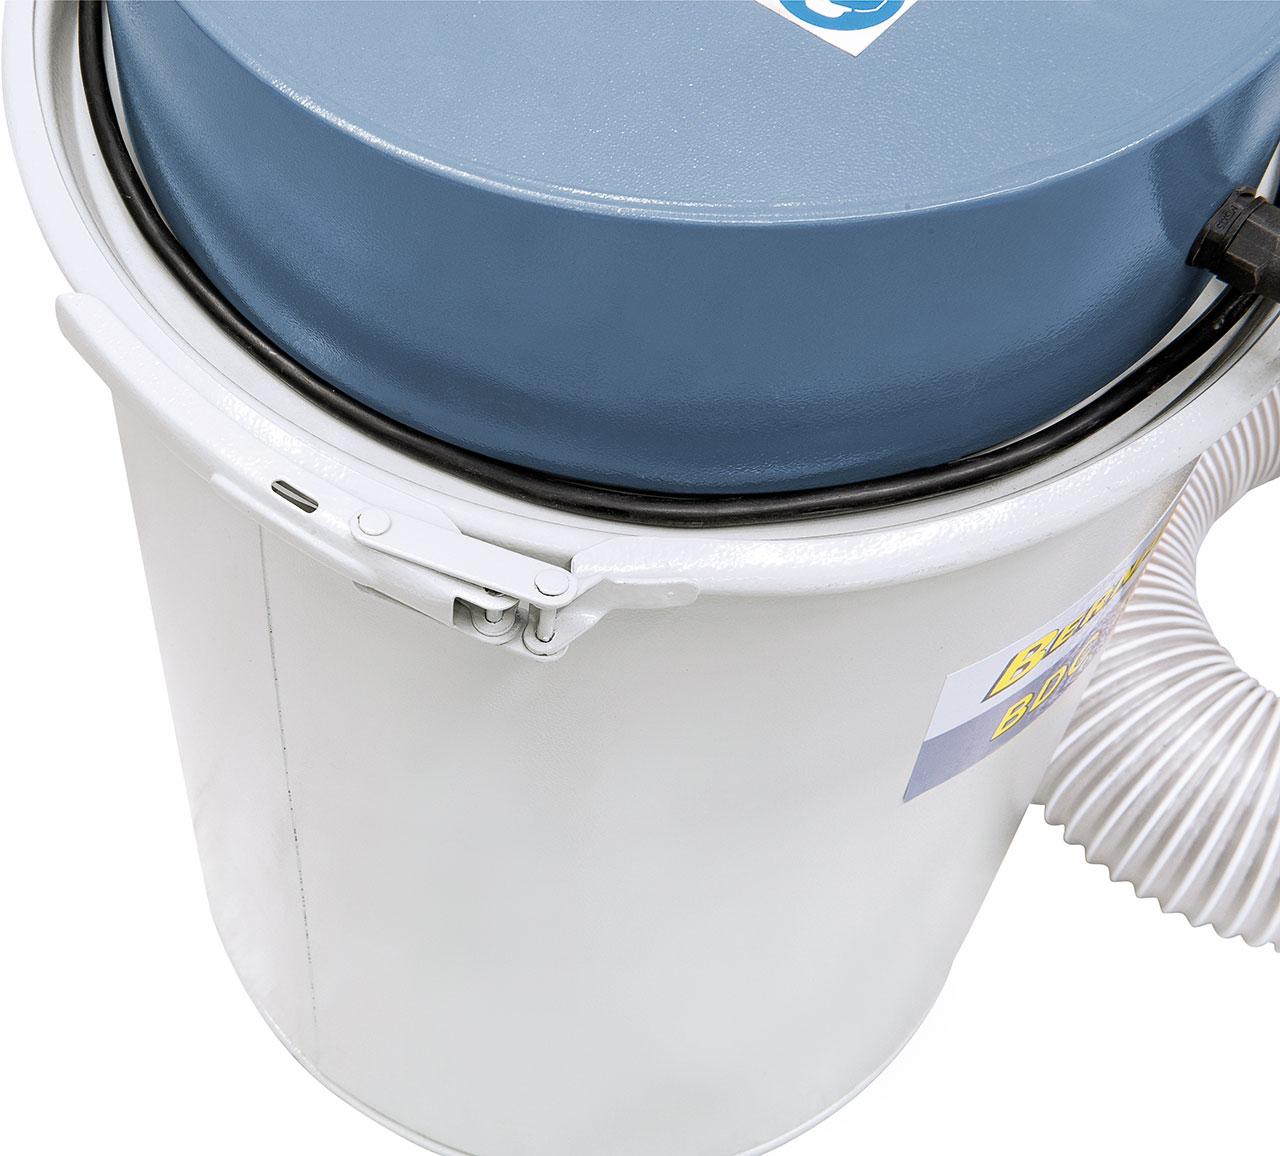 Einfaches entleeren des Behälters durch Schnellklemmsystem.